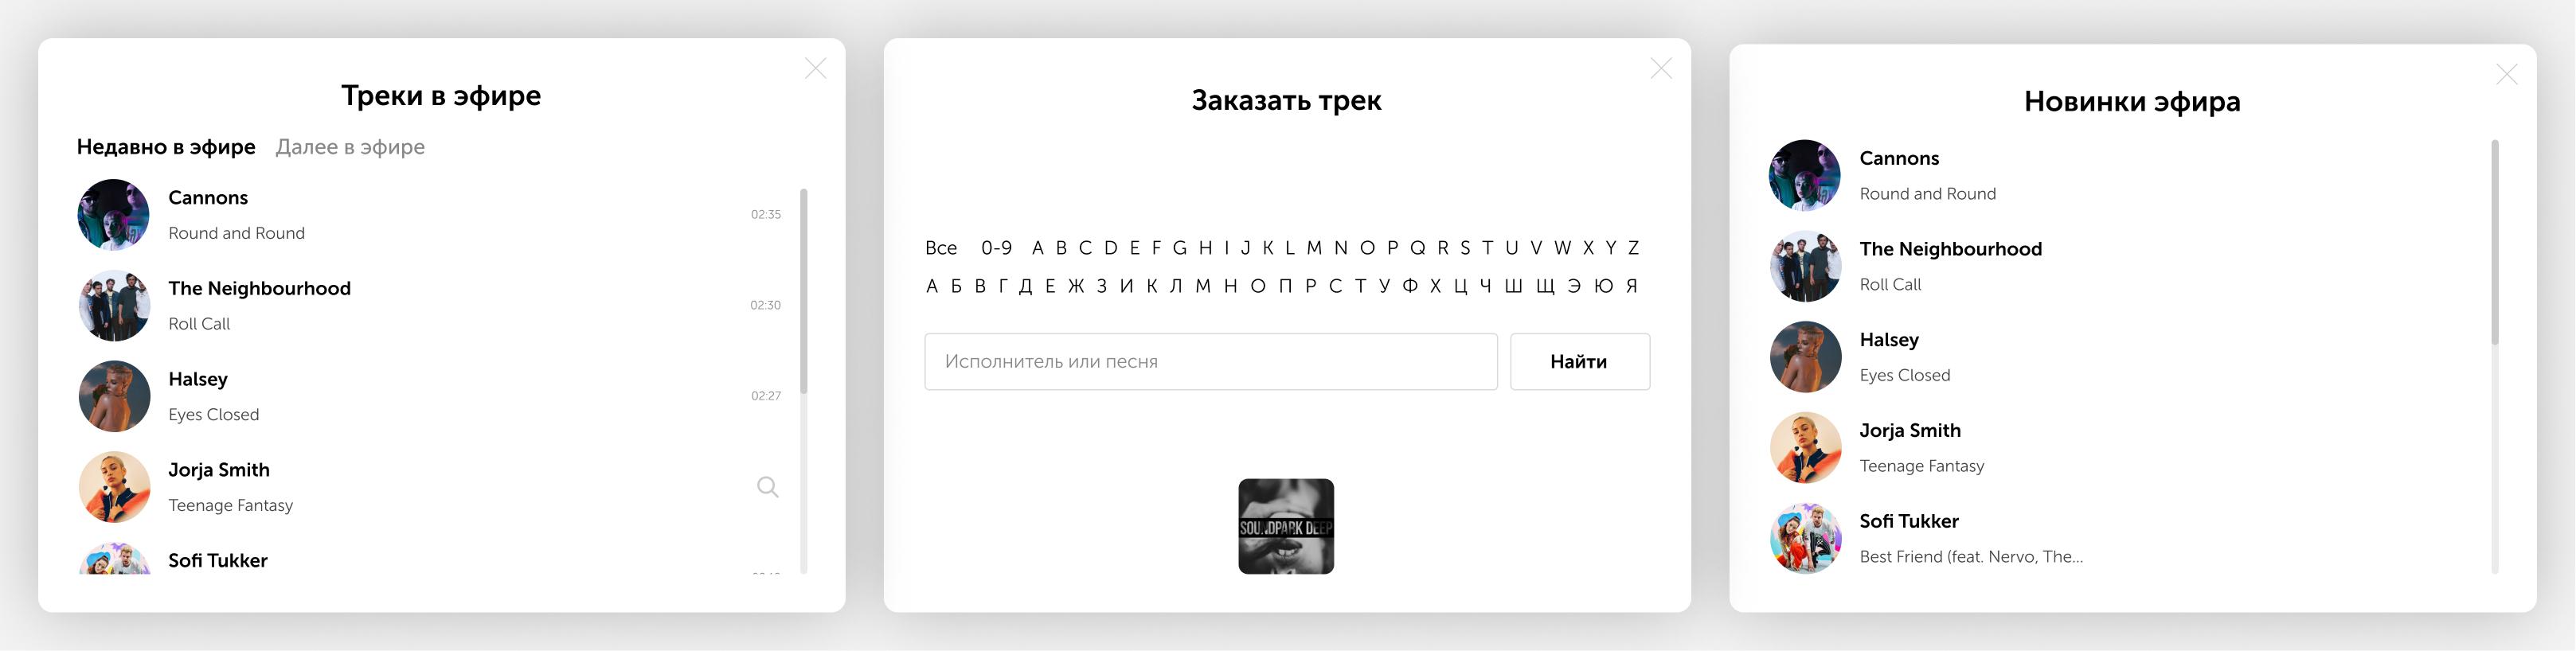 http://directus.radioheart.ru/storage/uploads/00000000062.jpg